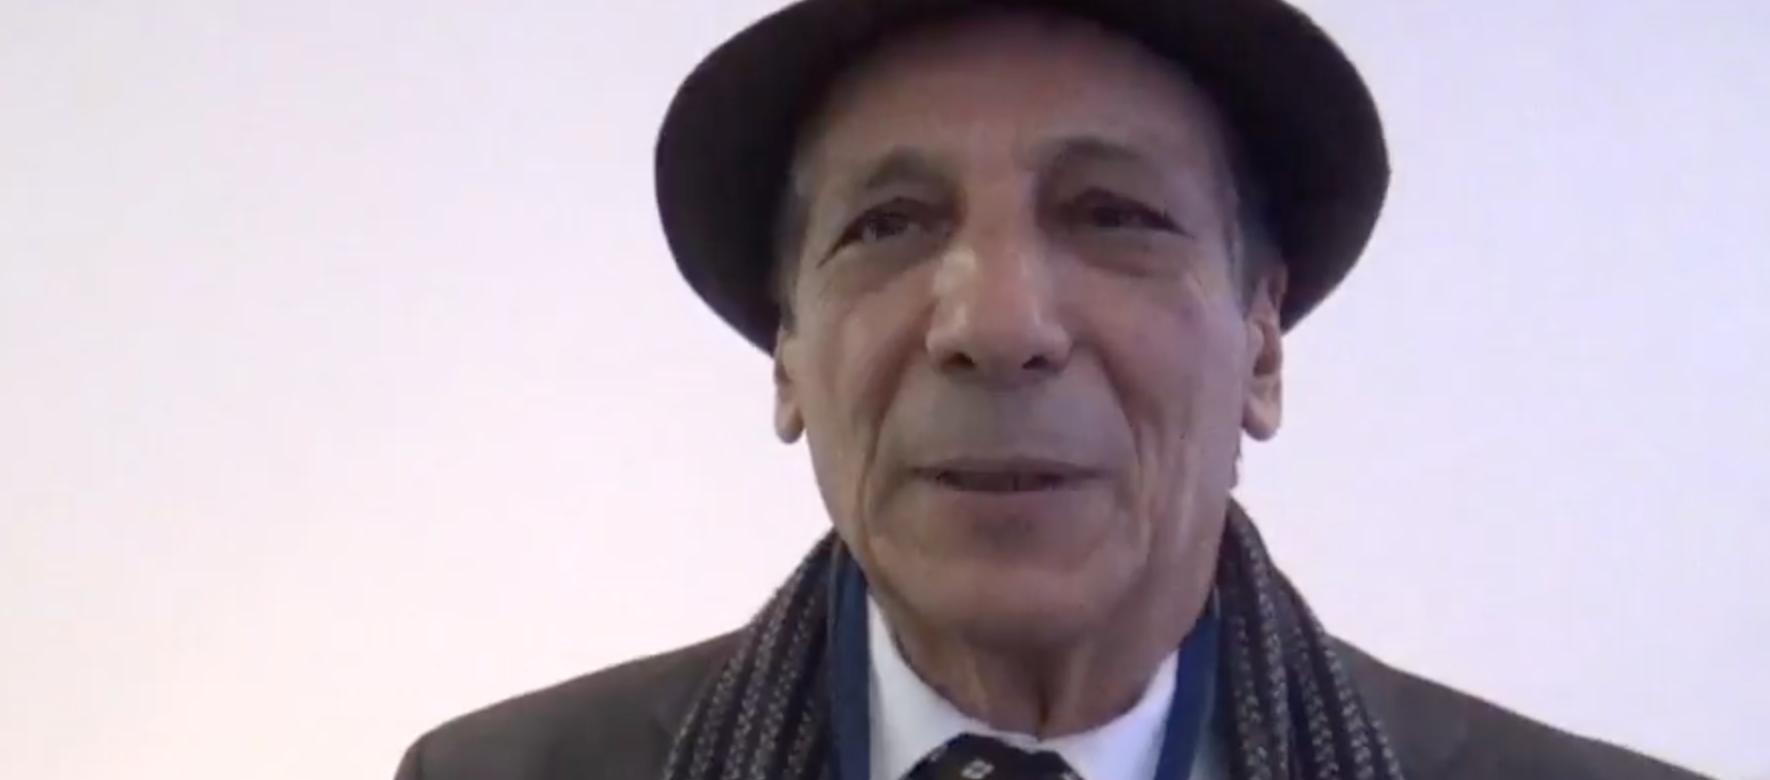 La Tunisie mise sur le dynamisme de sa population pour relancer son économie